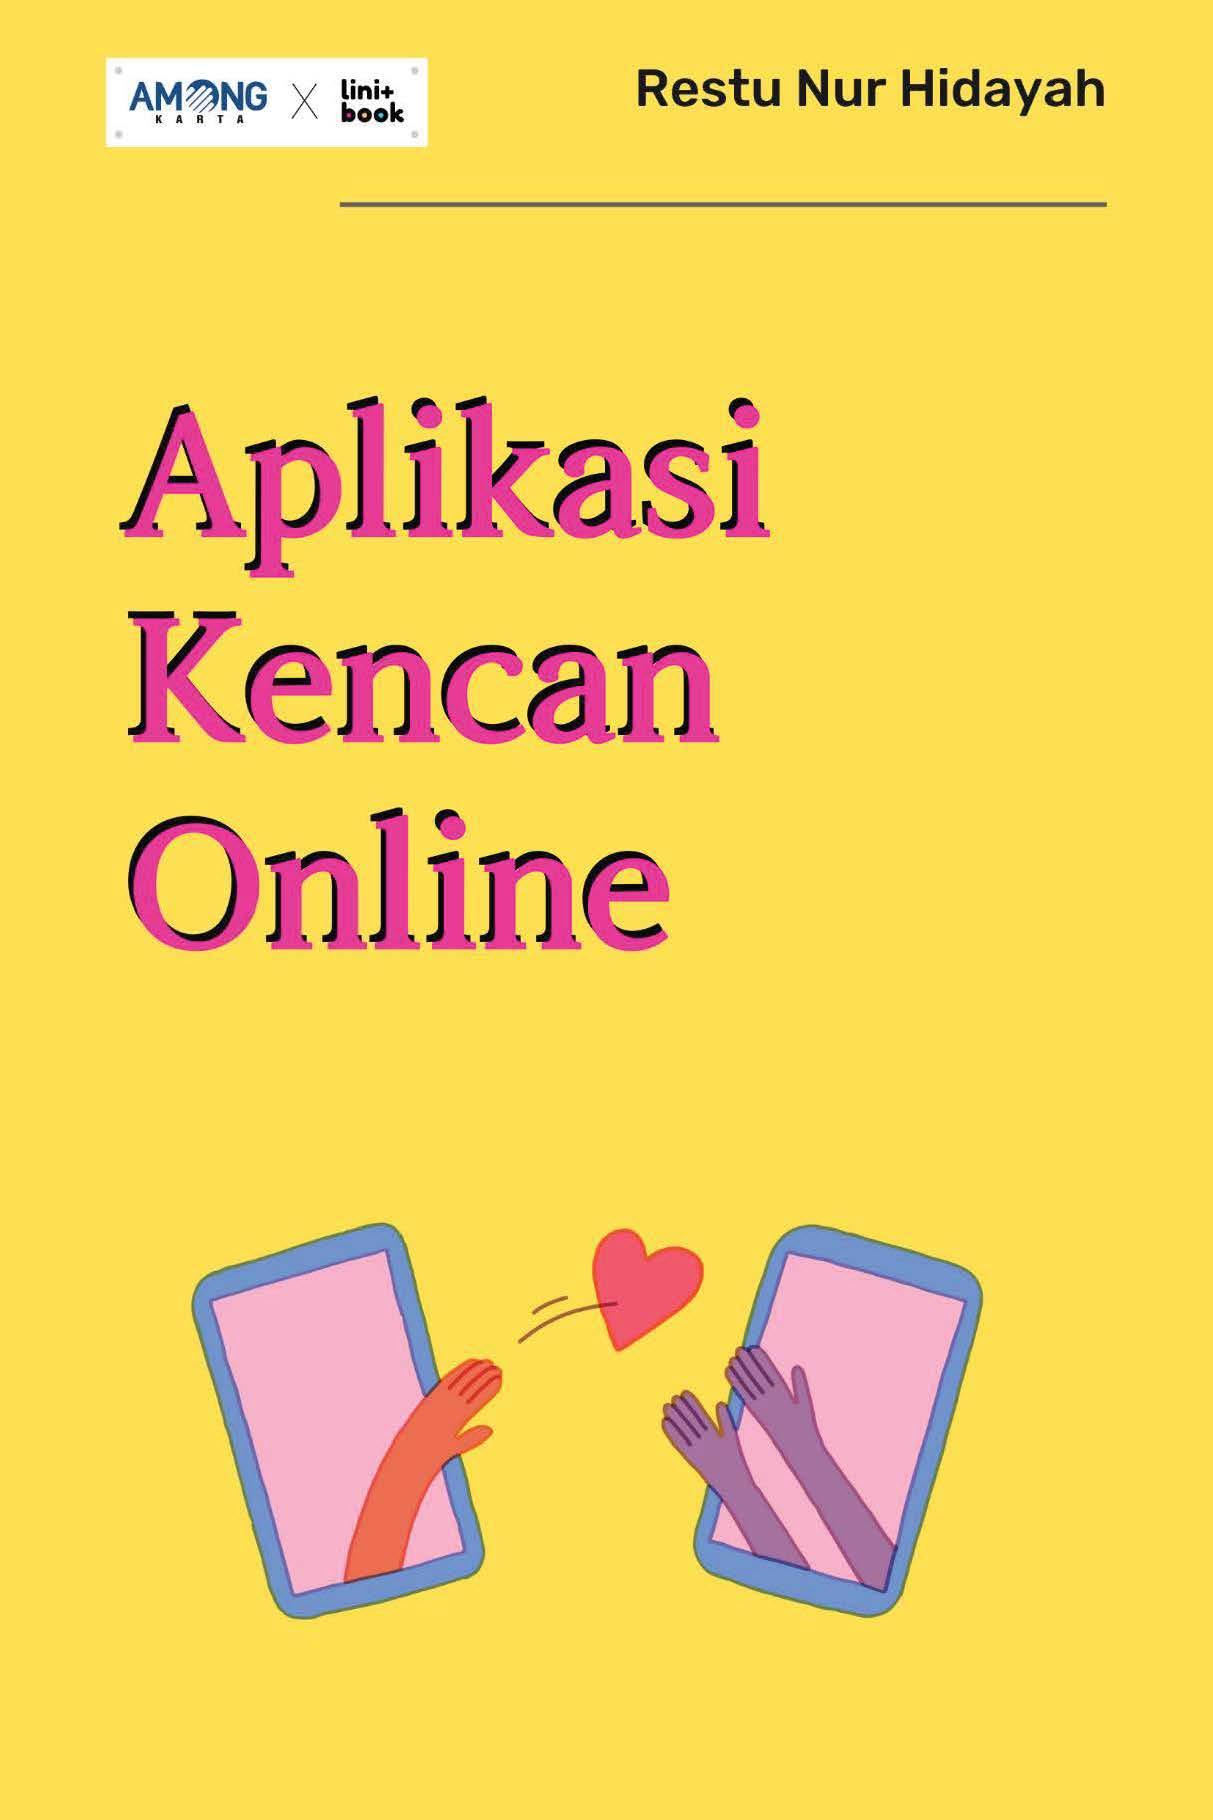 Aplikasi kencan online [sumber elektronis]